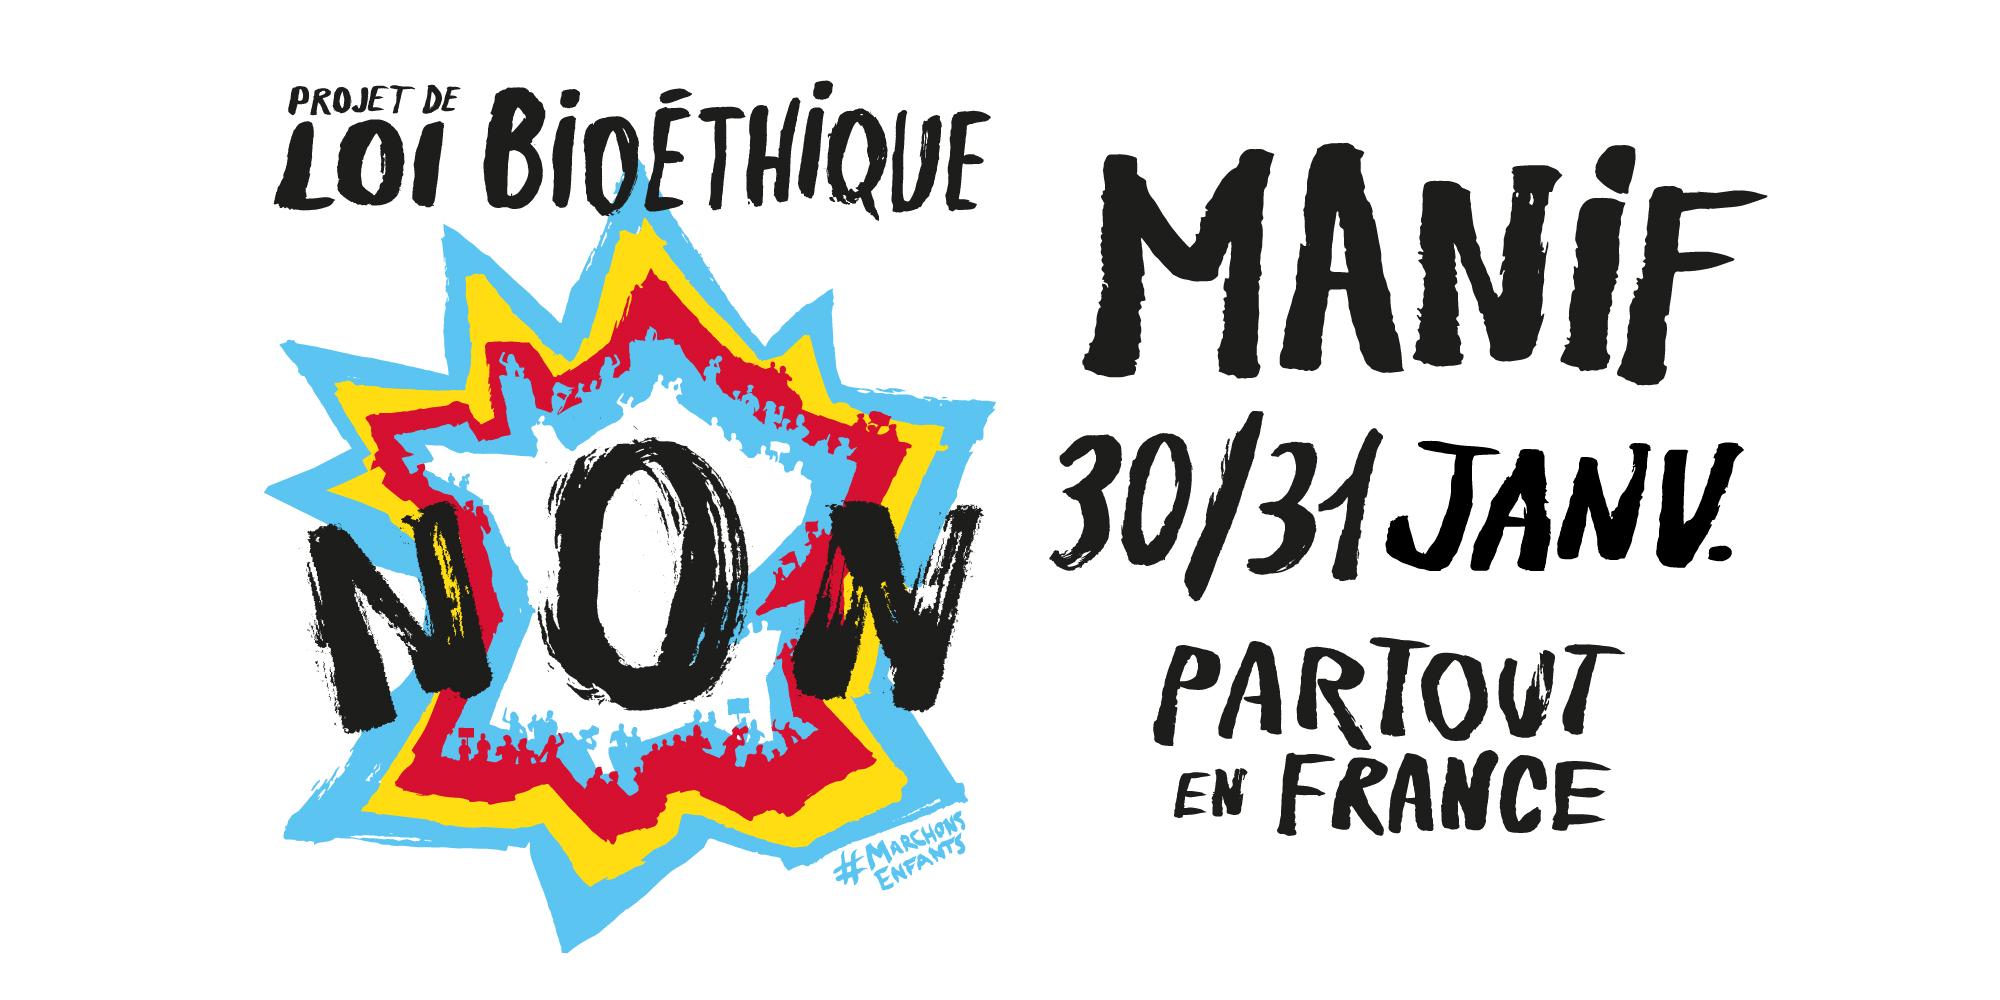 Image - 30 et 31 janvier : Manifestations « Marchons Enfants » partout en France contre la PMA sans père, la GPA et le projet de loi bioéthique